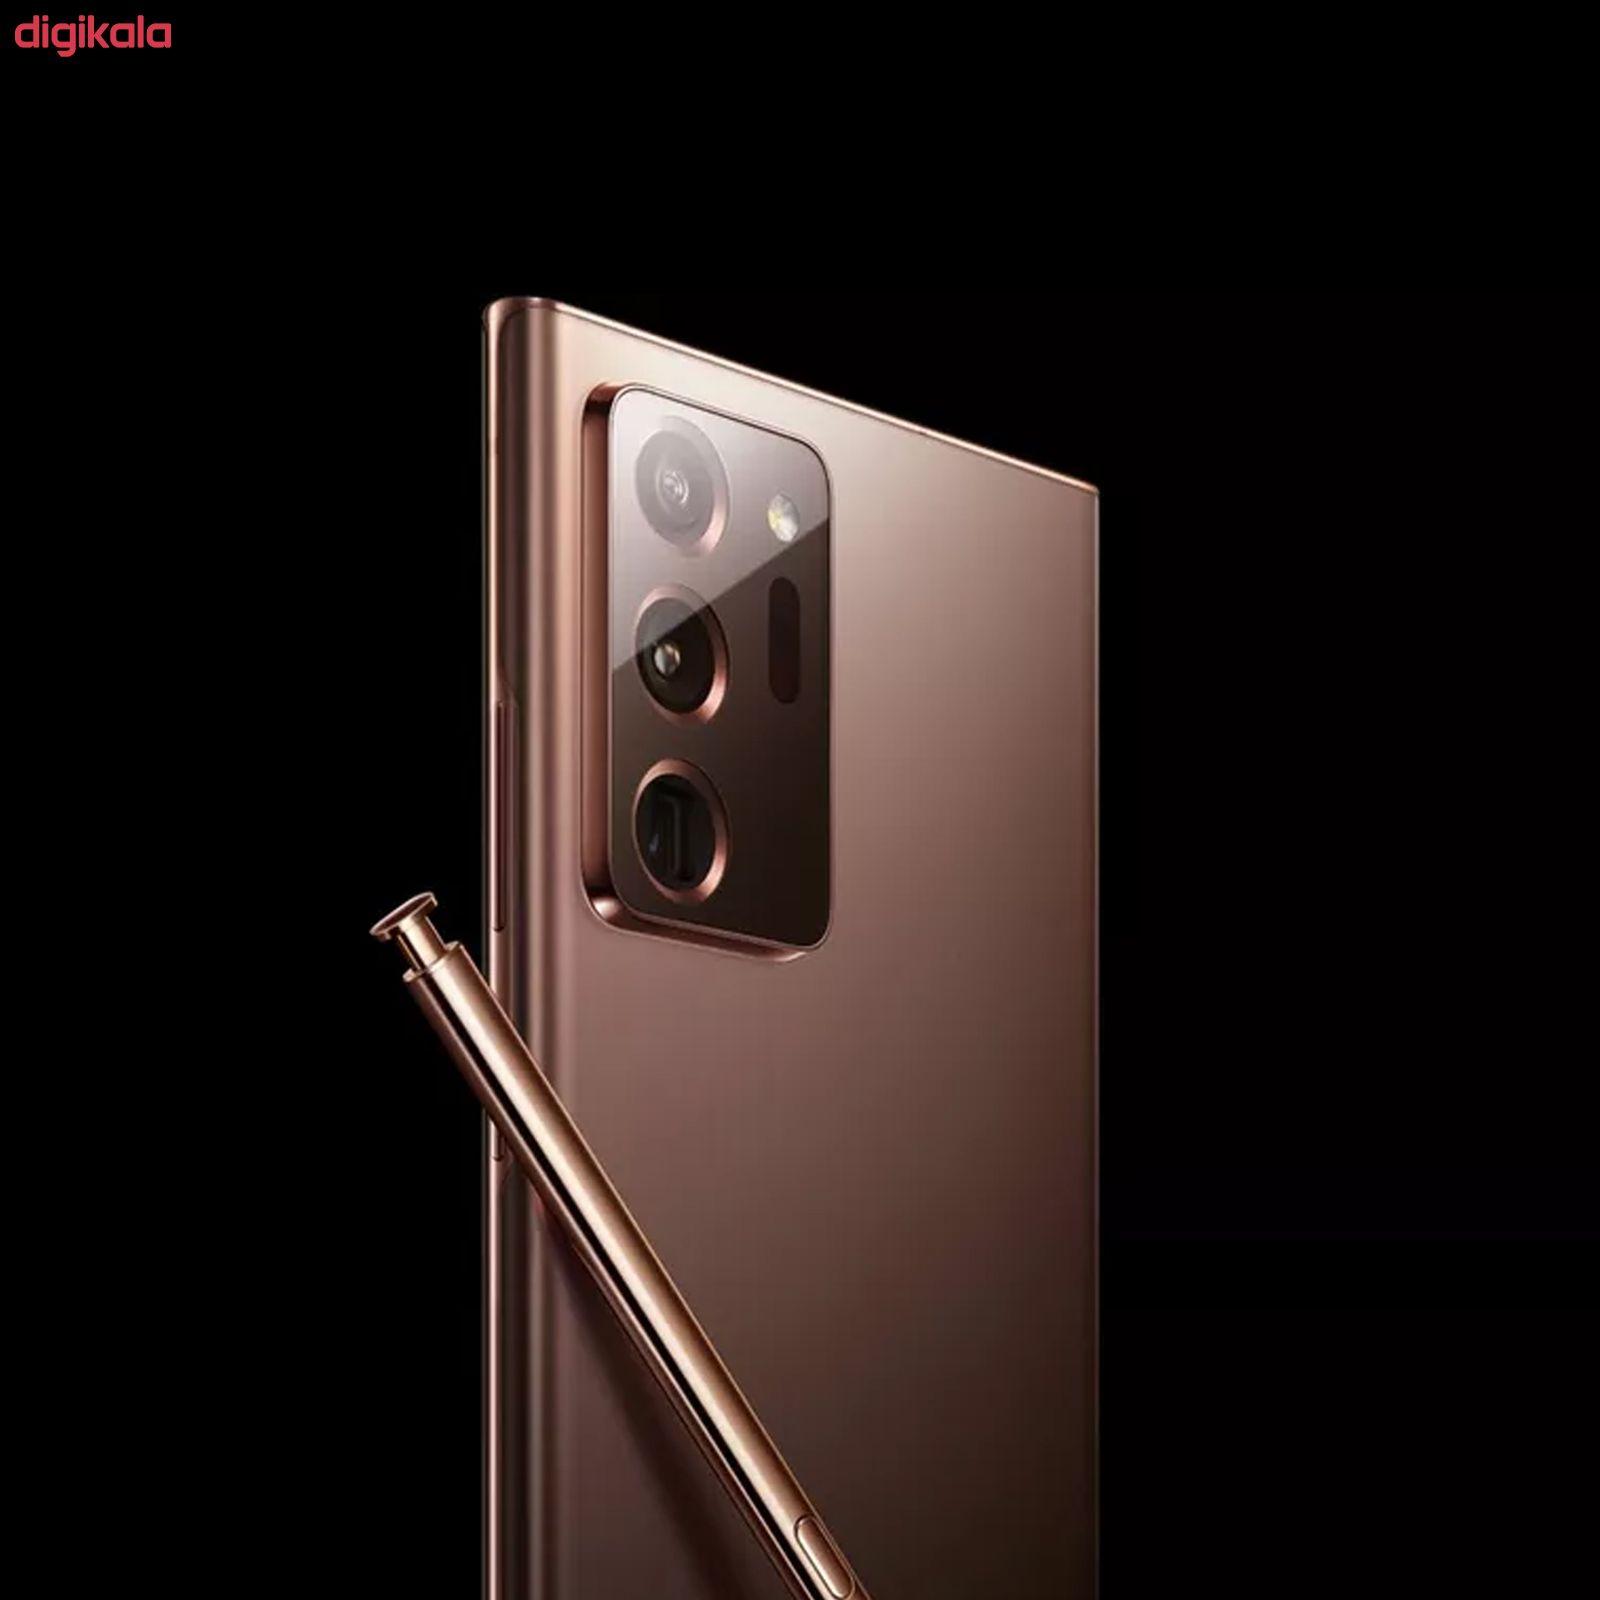 گوشی موبایل سامسونگ مدل Galaxy Note20 Ultra SM-N985F/DS دو سیم کارت ظرفیت 256 گیگابایت  main 1 17